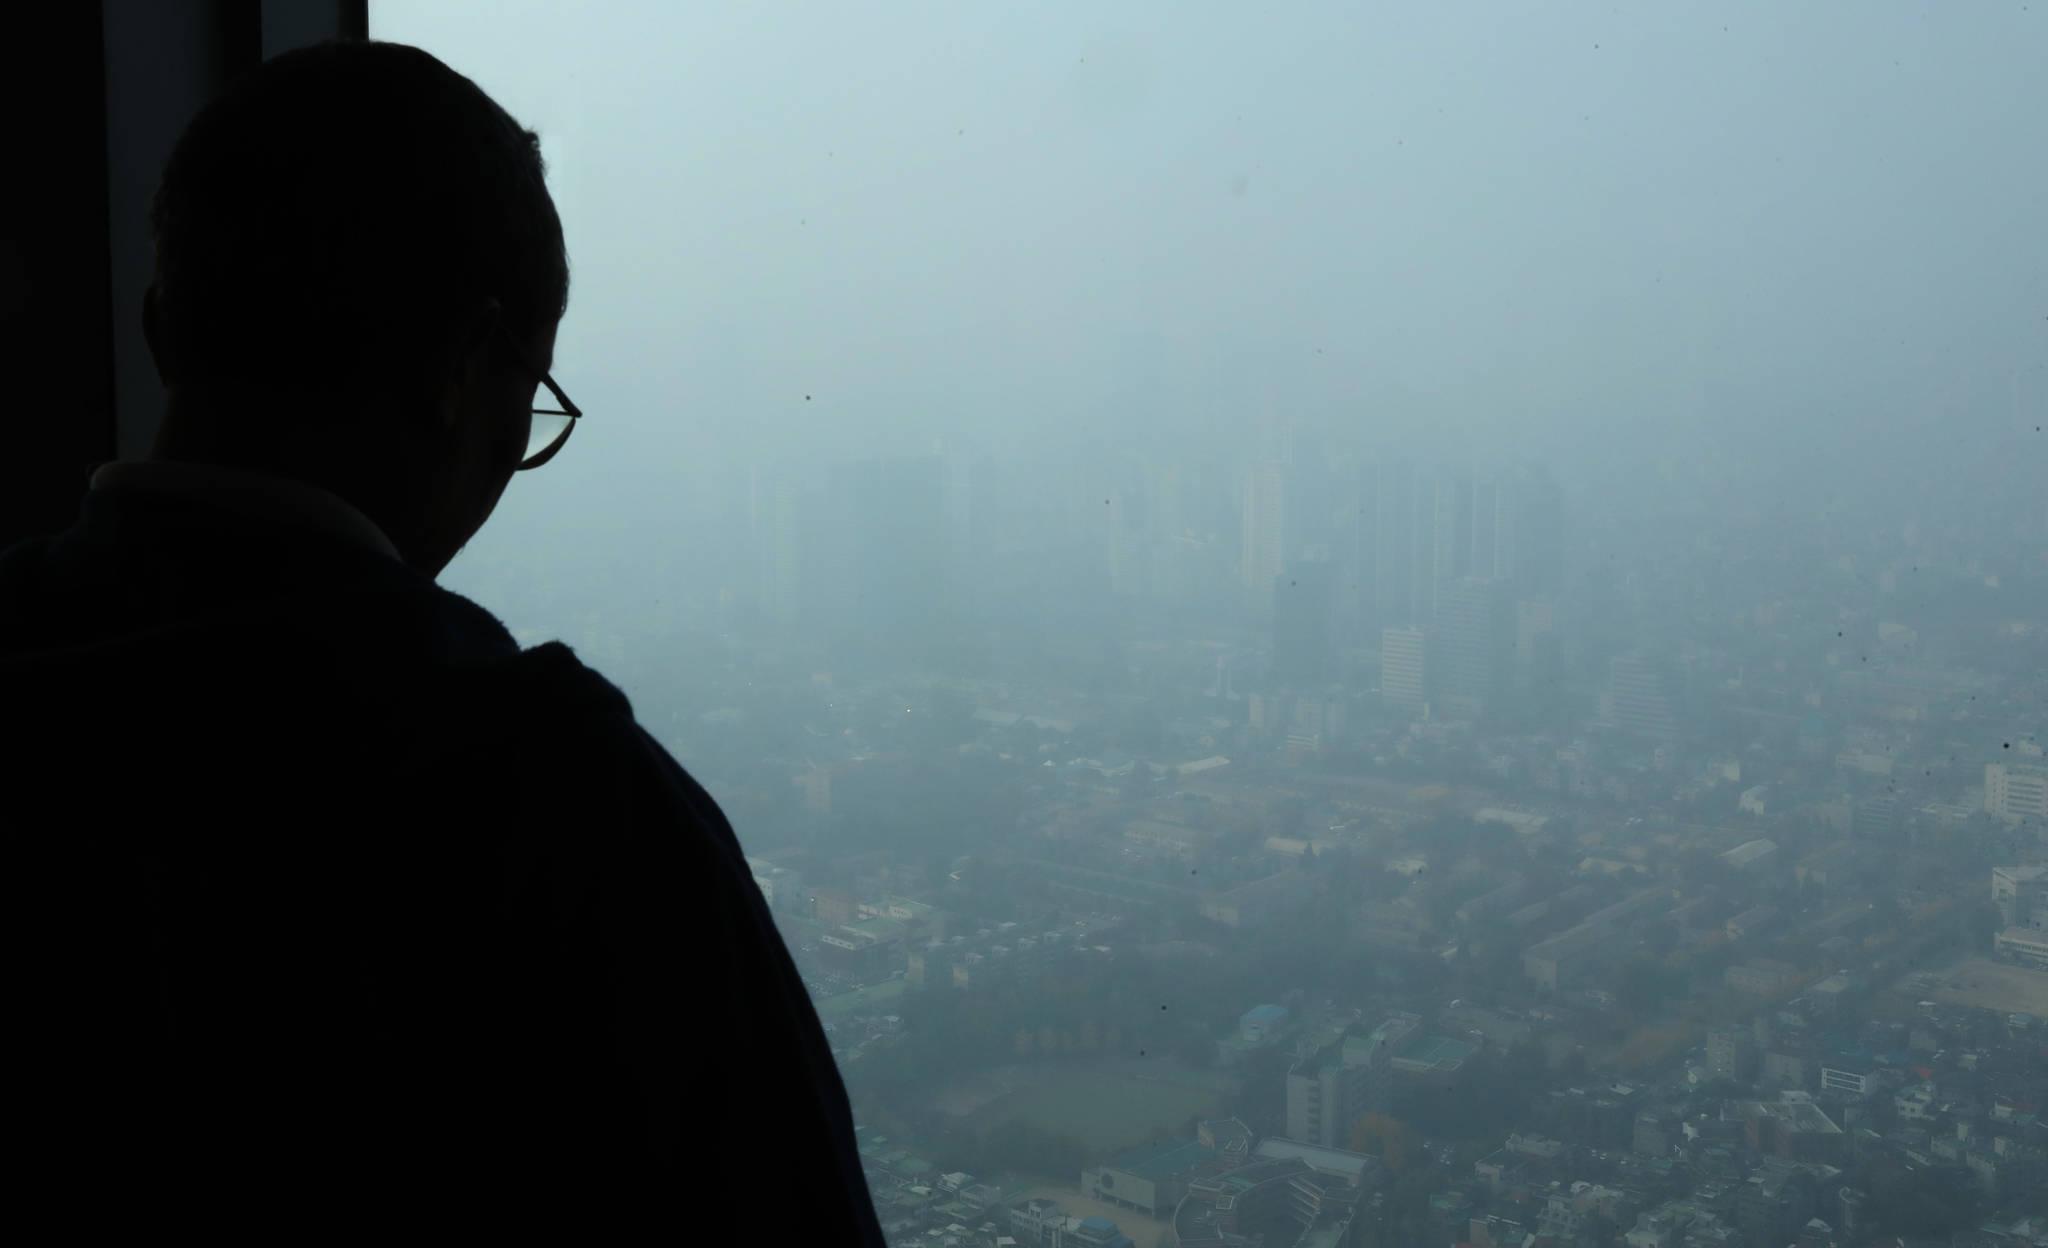 중국발 황사의 영향으로 미세먼지 농도가 나쁨을 나타낸 지난해 11월 8일 서울 도심이 뿌옇다. 우상조 기자